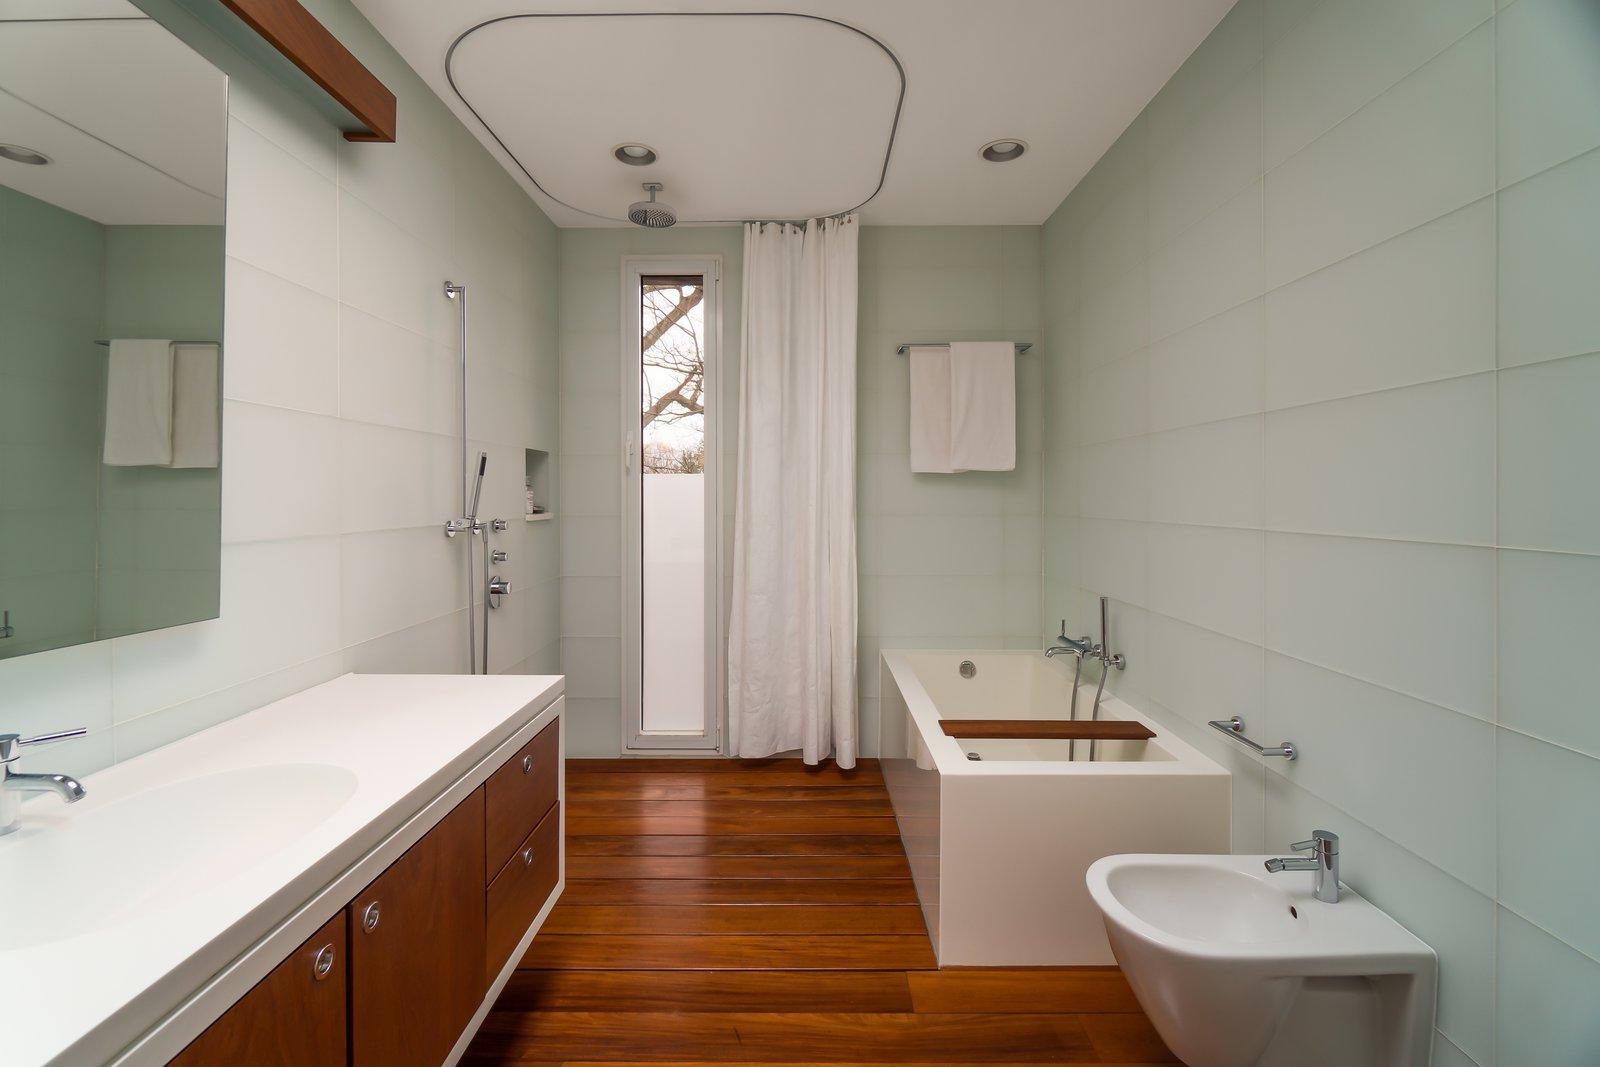 Ezra Stoller Home master bathroom